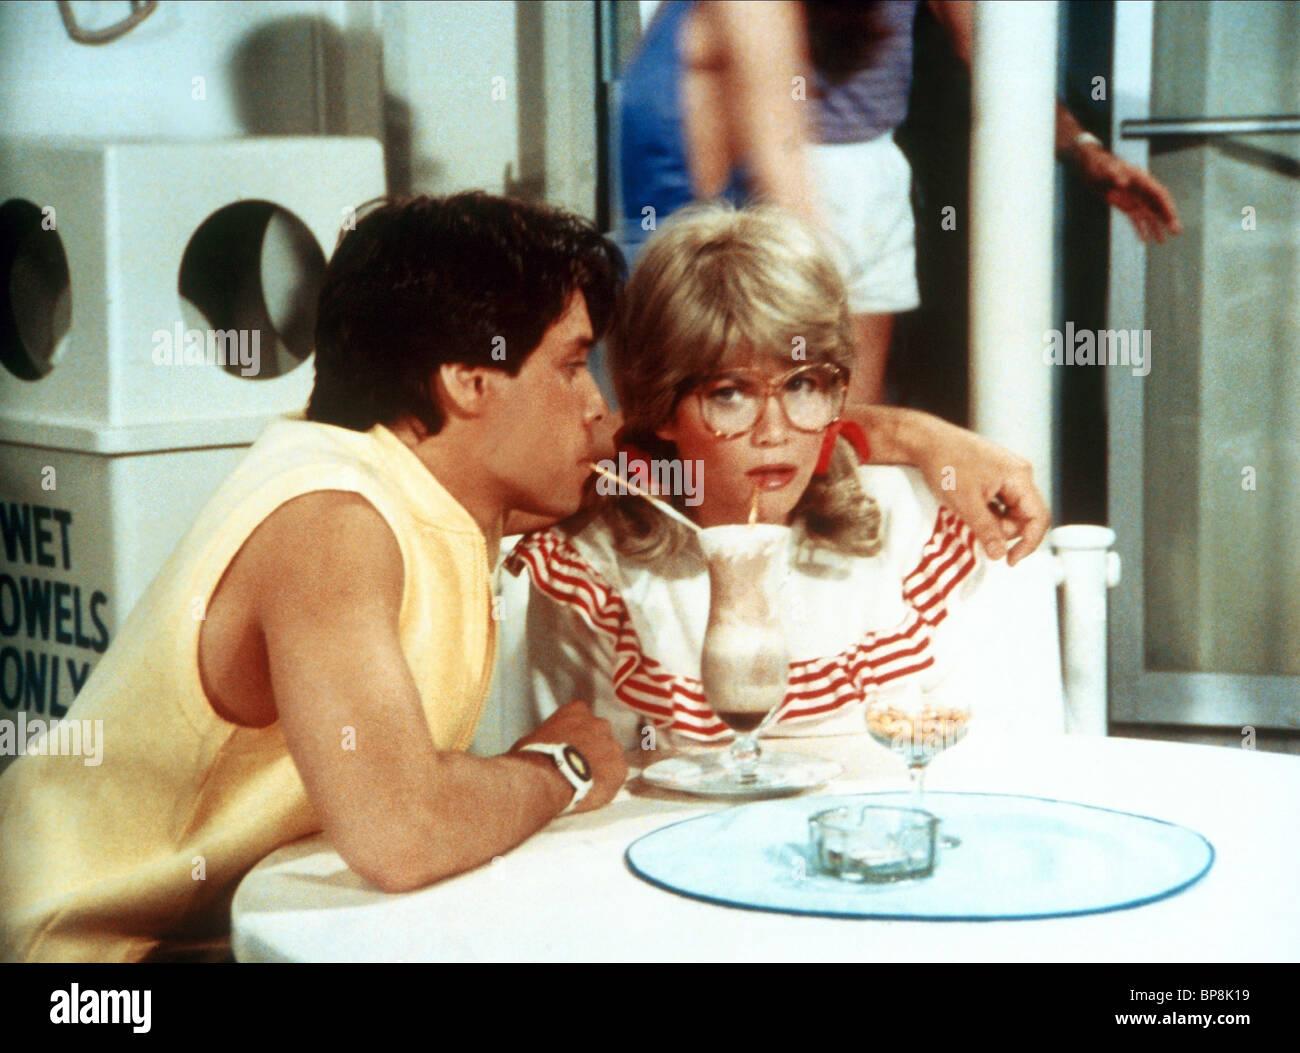 CLARK BRANDON, MARKIE POST, THE LOVE BOAT, 1977 - Stock Image